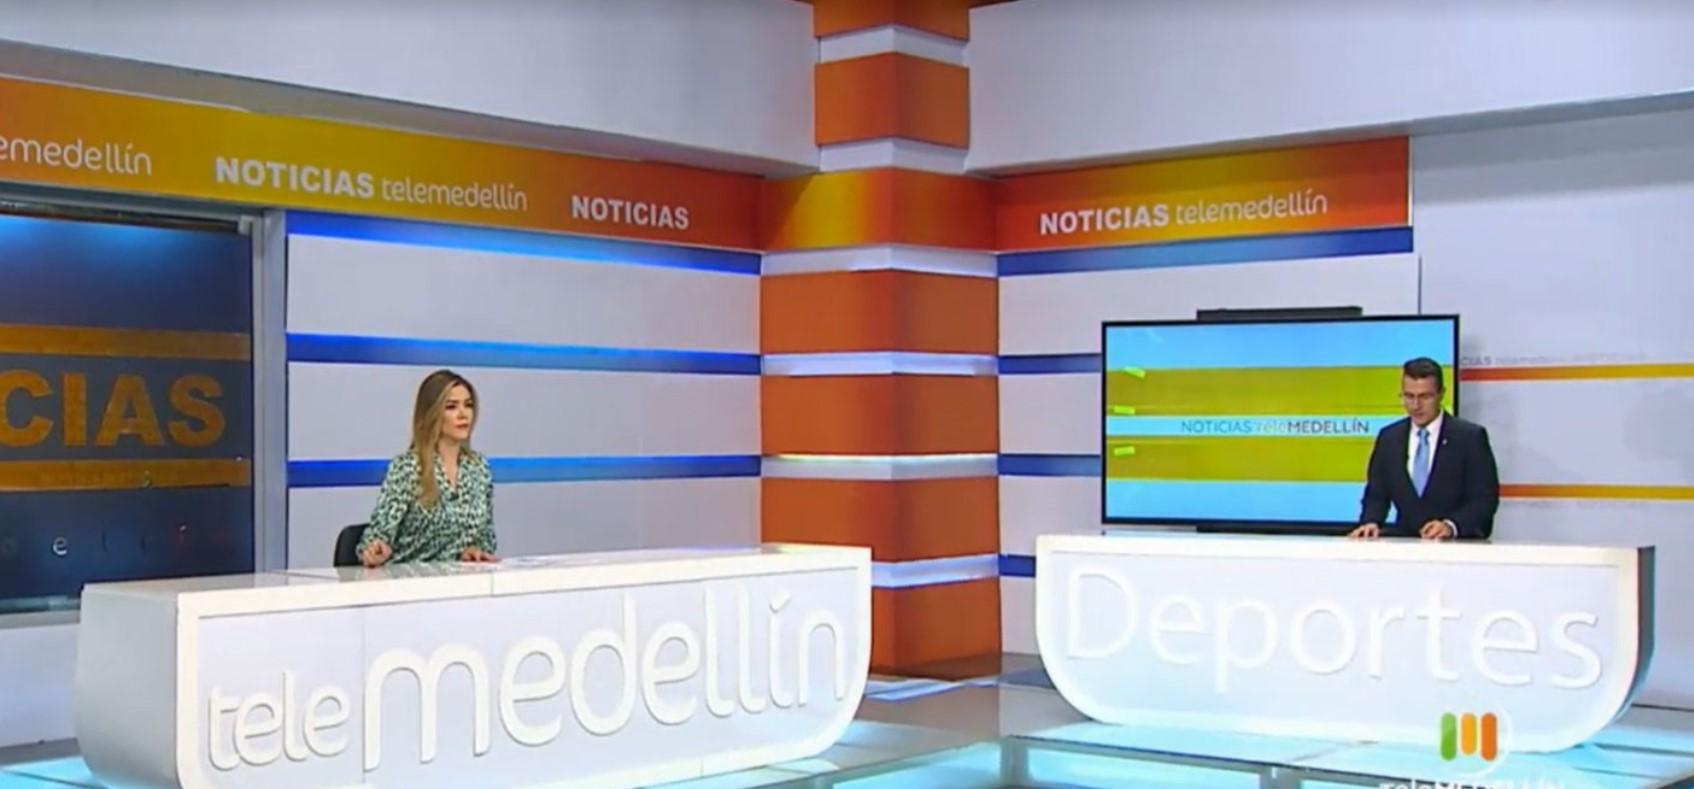 Noticias Telemedellín 08 de marzo del 2020 emisión 7:00 p.m